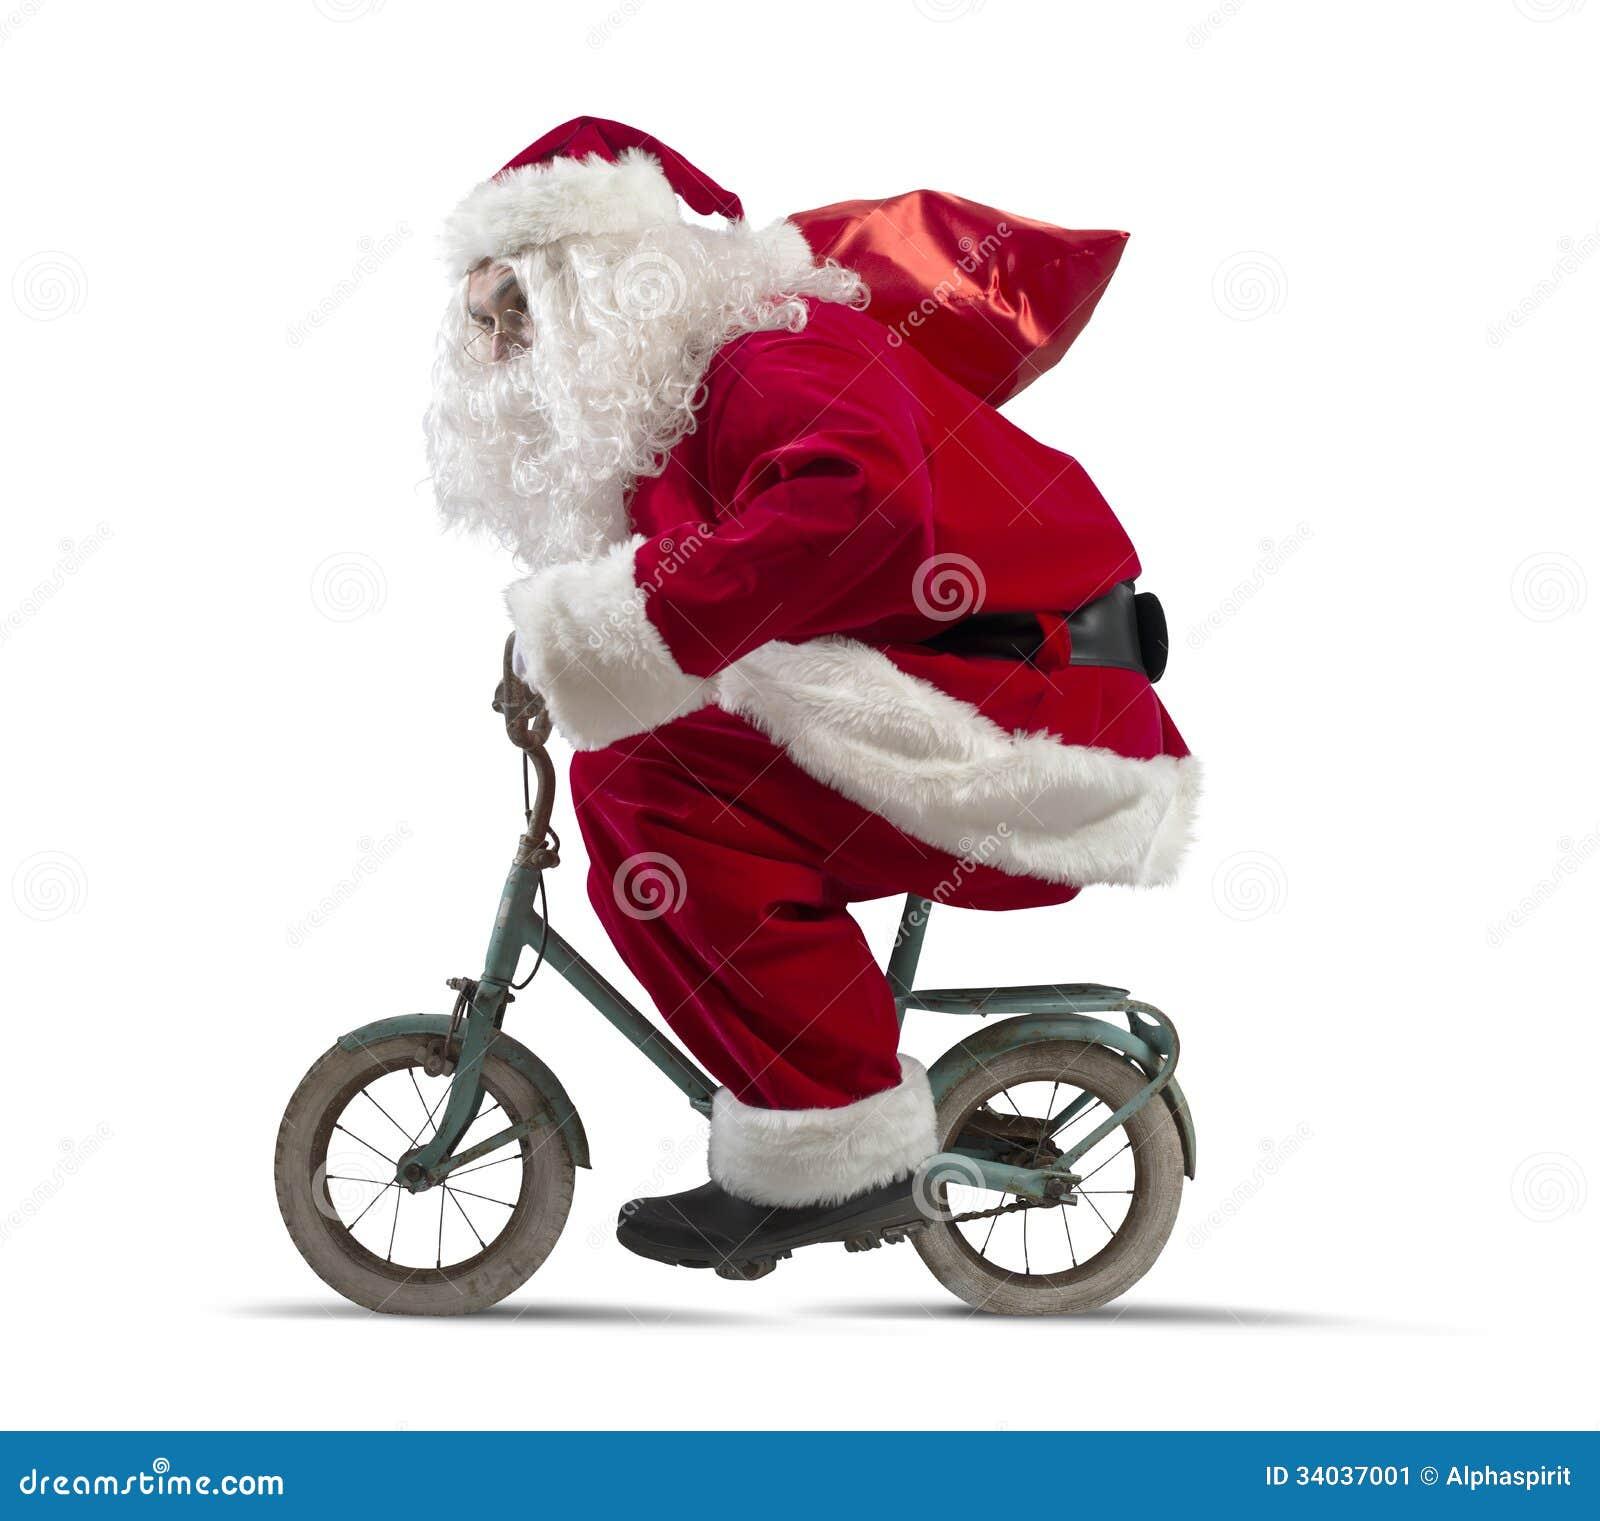 Babbo Natale In Bicicletta.Il Babbo Natale Sulla Bici Immagine Stock Immagine Di Sogno 34037001